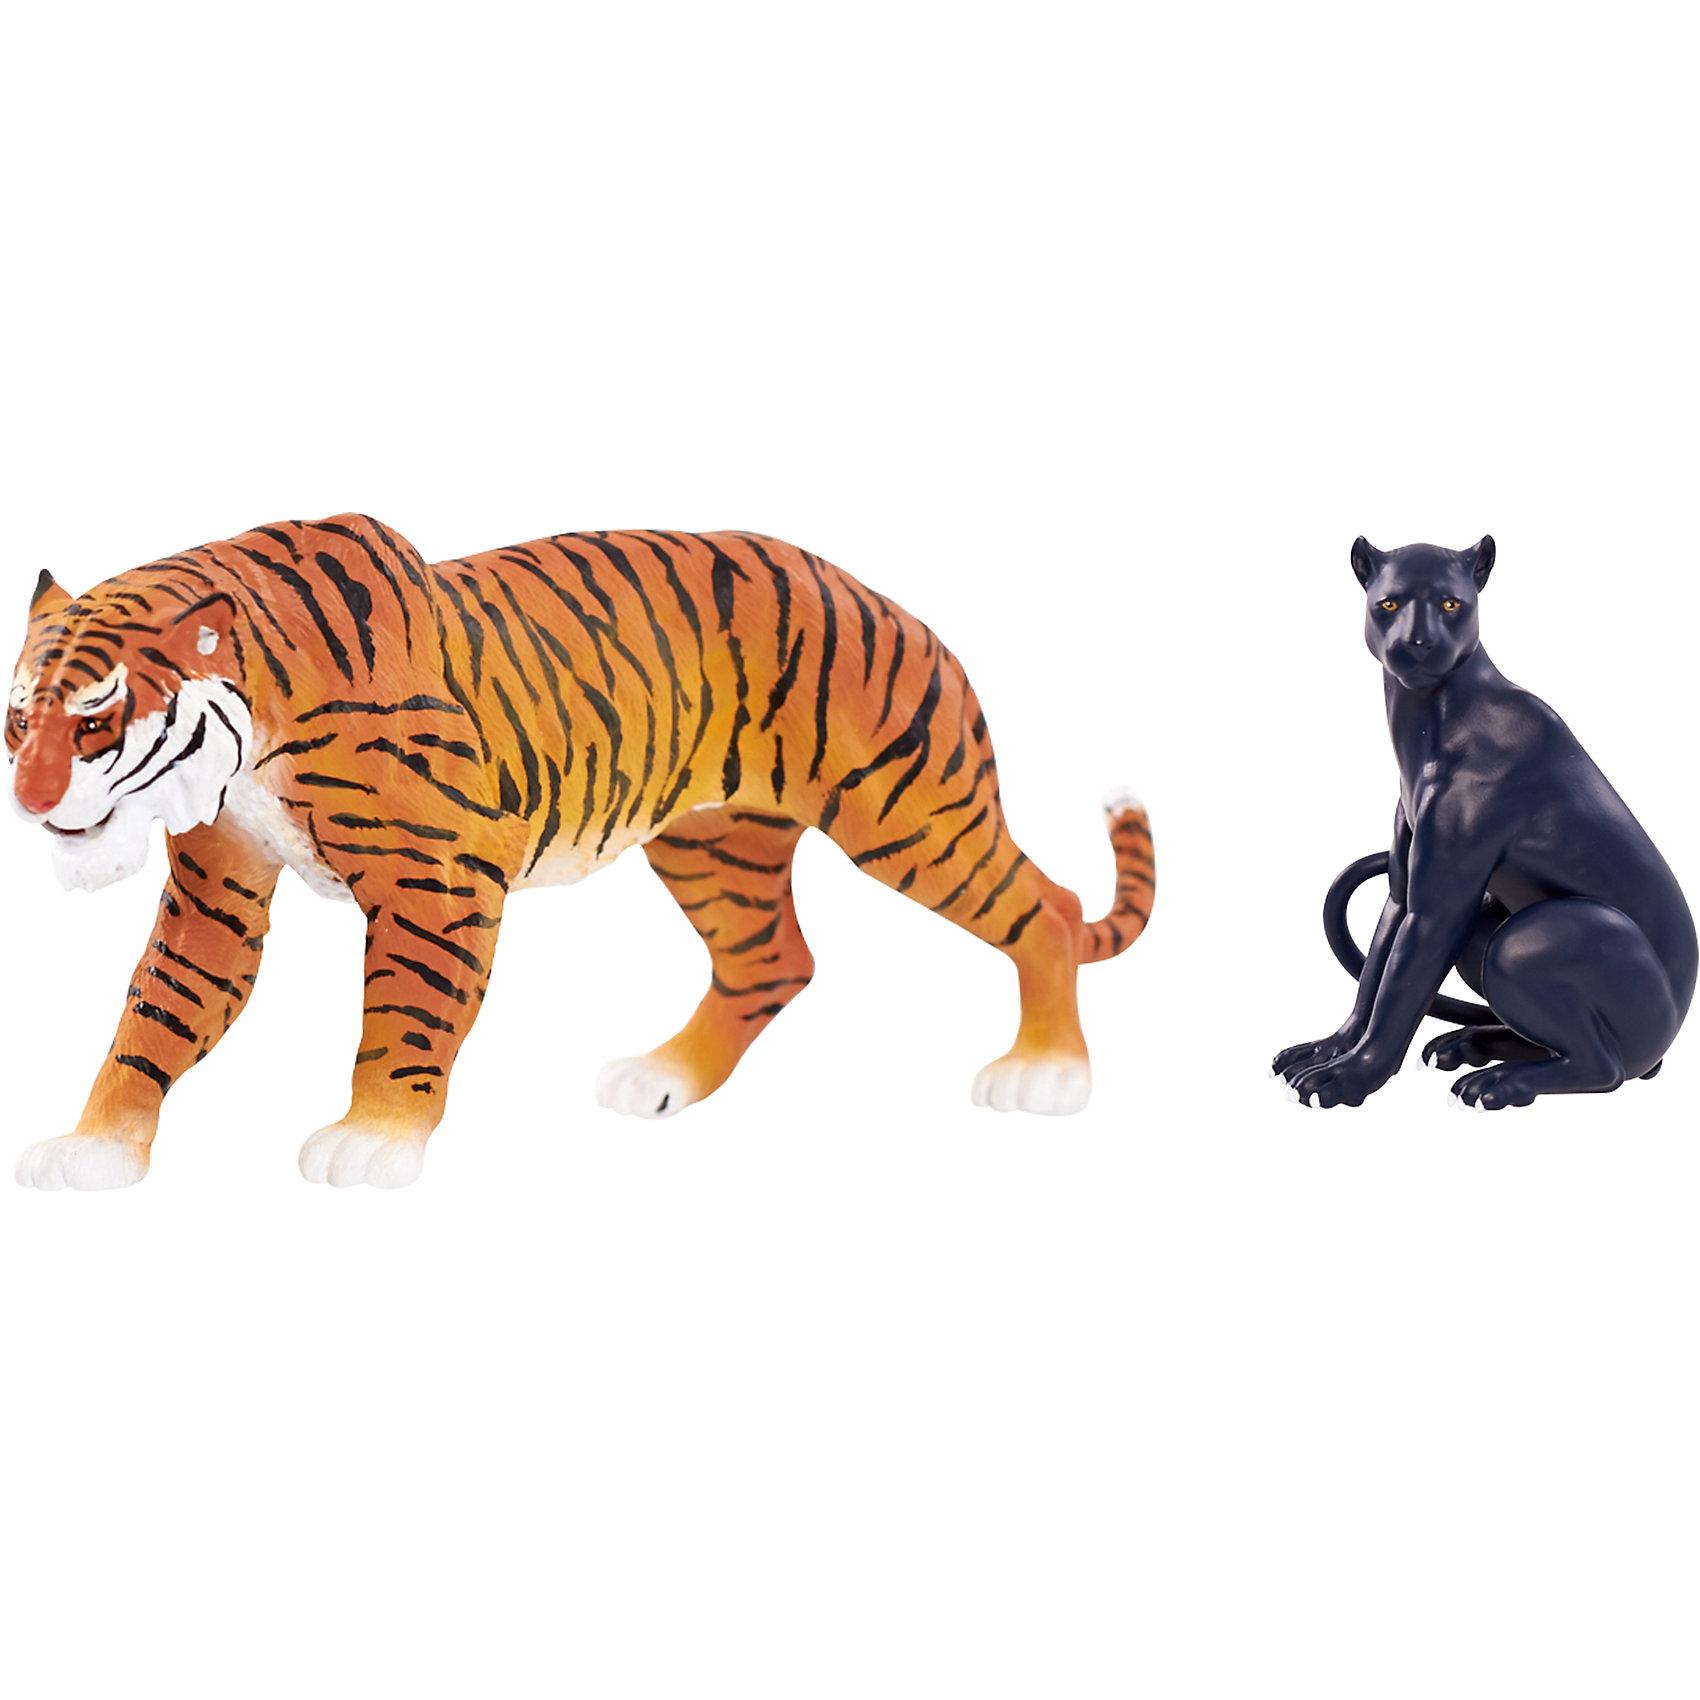 Игрушка Книга джунглей, 2 фигурки в блистере, Jungle Book, в ассортиментеКаждый набор содержит красочные фигурки двух известных героев. Одна из фигурок является функциональной. - Шерхан и Багира. Шерхан двигает передними лапами при нажатии на кнопку. <br>- Балу и Маугли. Балу двигает передними лапами при сжатии задних лап.<br>- Король Луи и Каа. Король Луи двигает передними лапами при сжатии задних лап.<br><br>Ширина мм: 210<br>Глубина мм: 200<br>Высота мм: 80<br>Вес г: 230<br>Возраст от месяцев: 36<br>Возраст до месяцев: 144<br>Пол: Унисекс<br>Возраст: Детский<br>SKU: 4653323